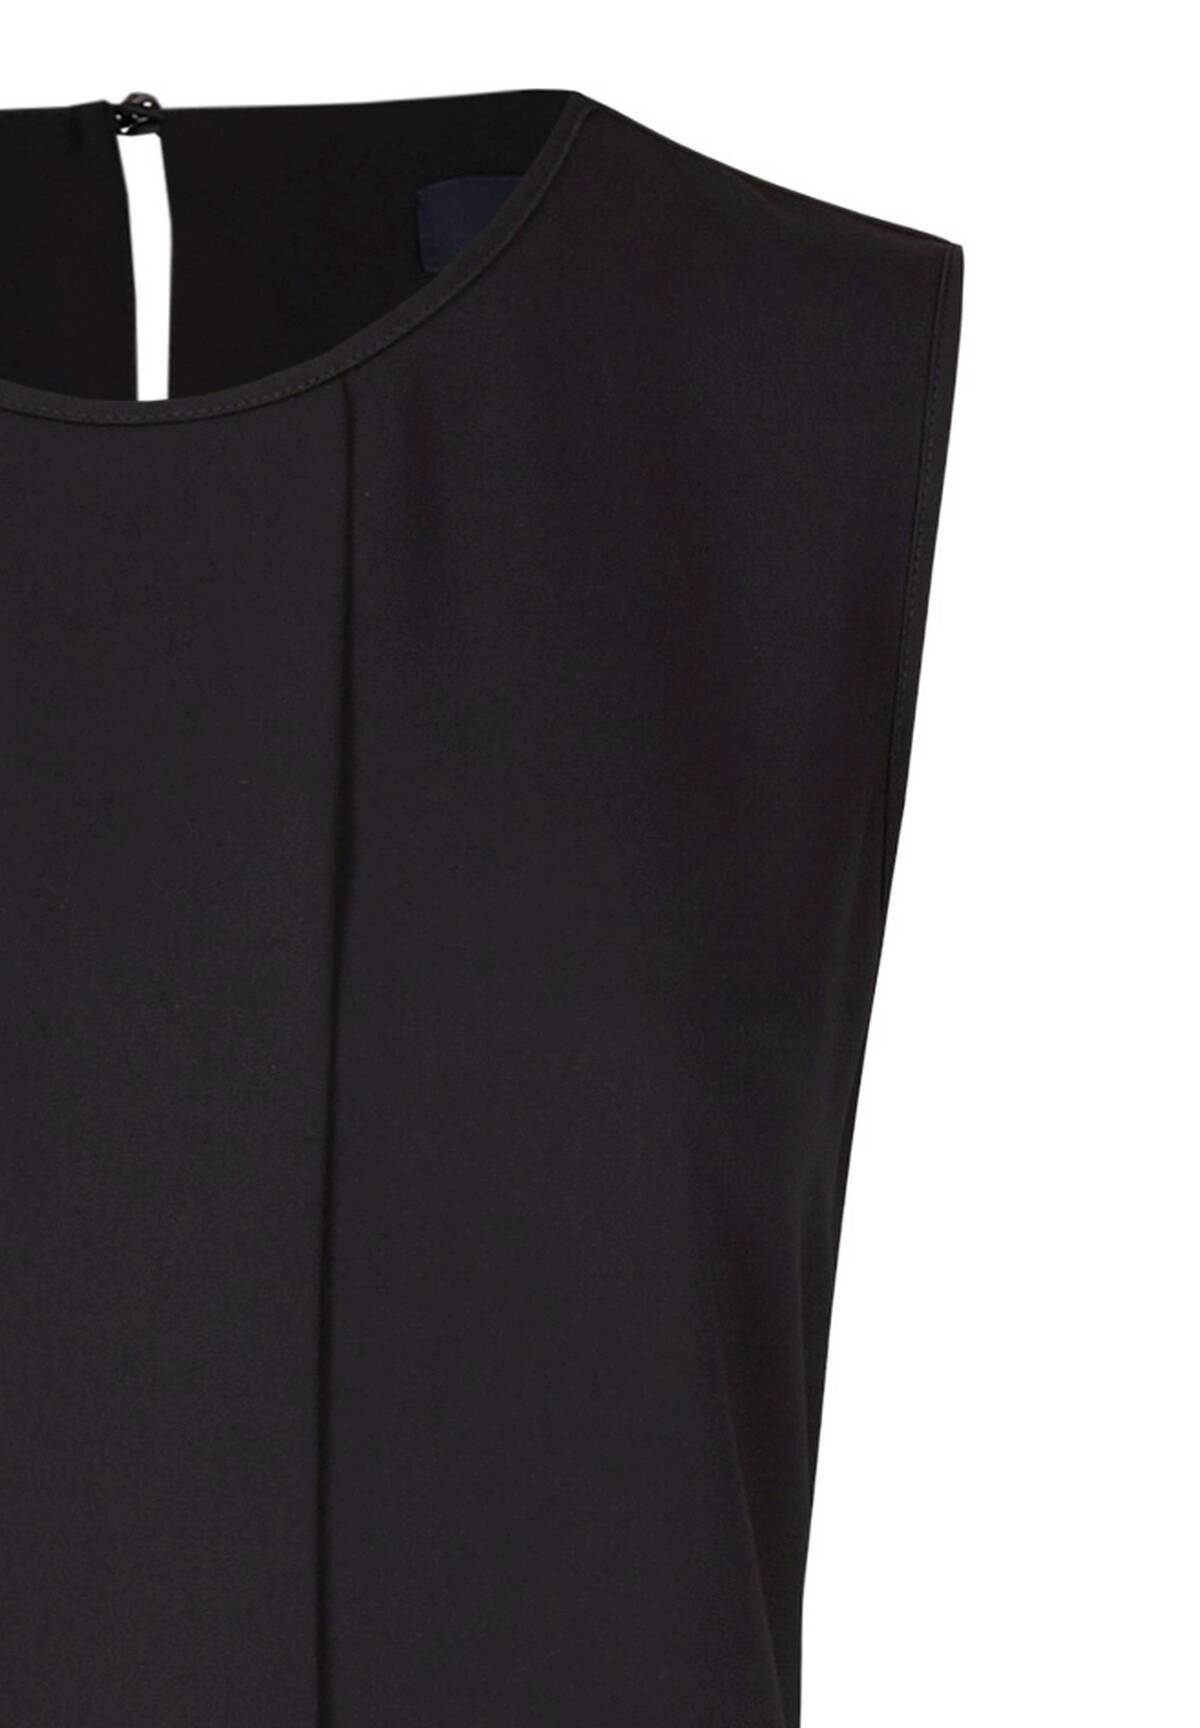 Modisches Kleid mit kleinem Rundhalskragen / Dress